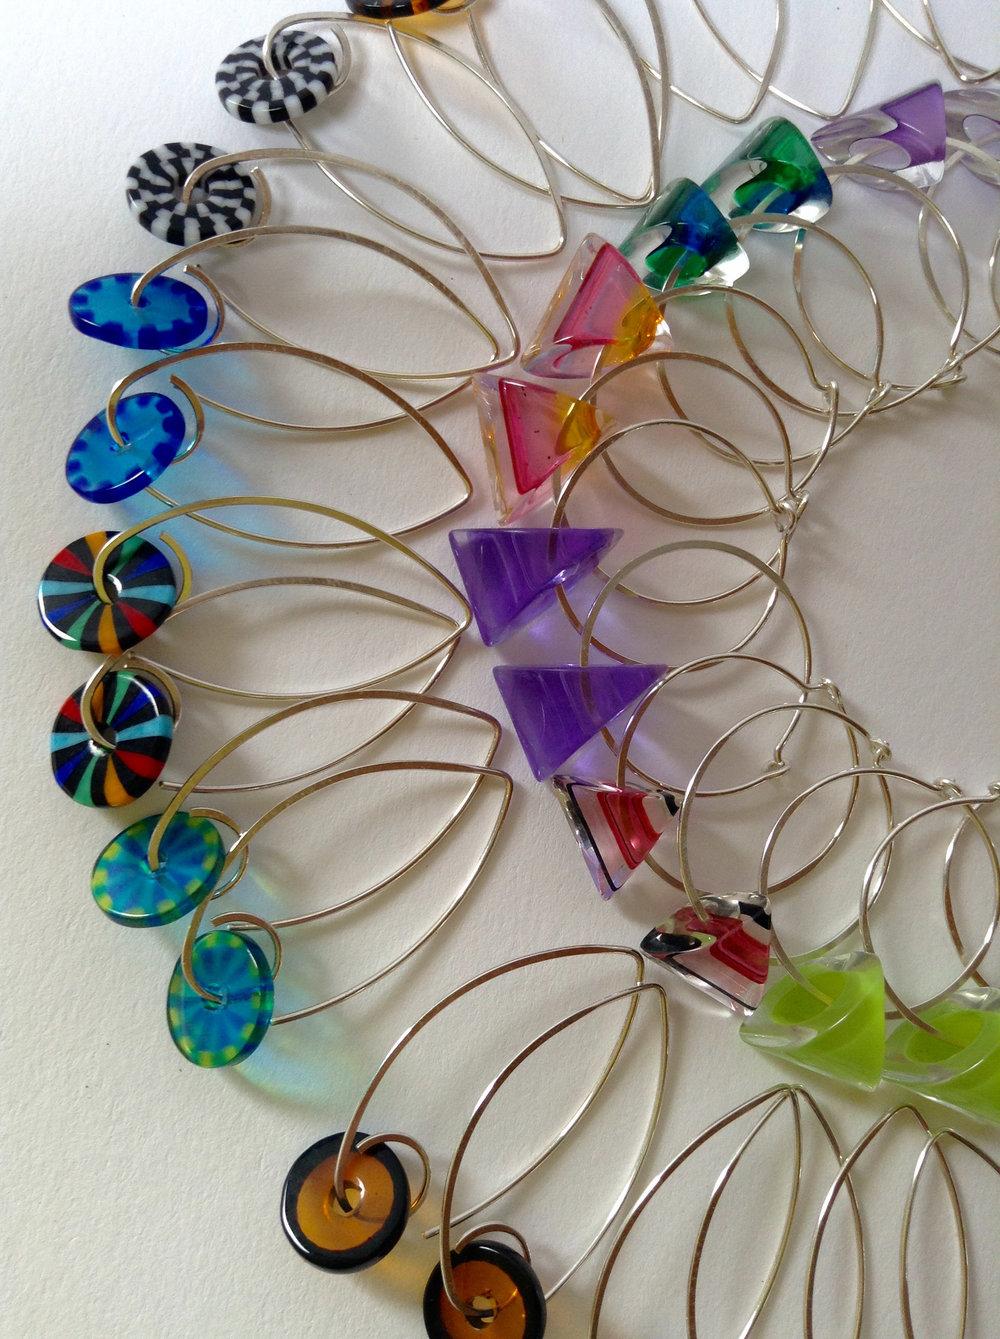 Olive-Glass_Italian-Art-Glass_Corrie-Haight_Lark-Dalton-20170324-2.jpg